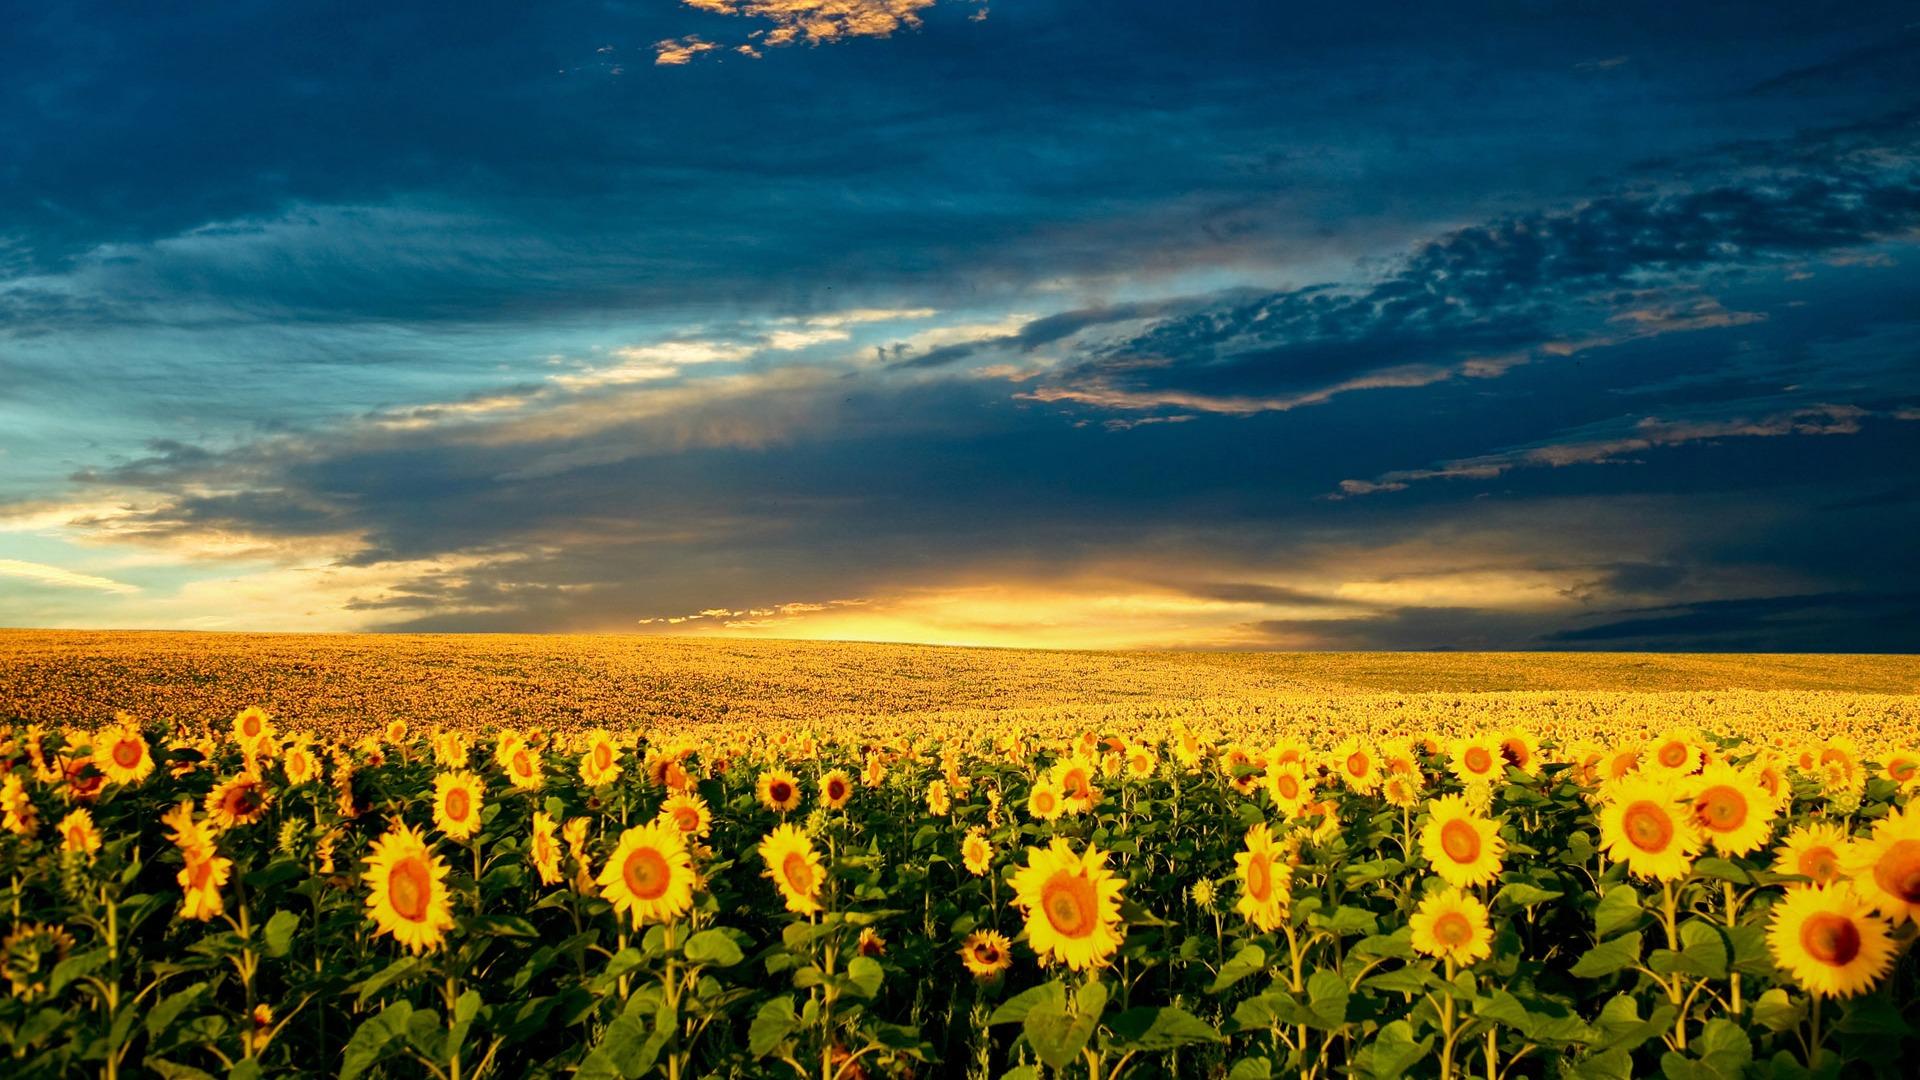 Beautiful Sunflower Close Up Wallpaper 2 13 1920x1080